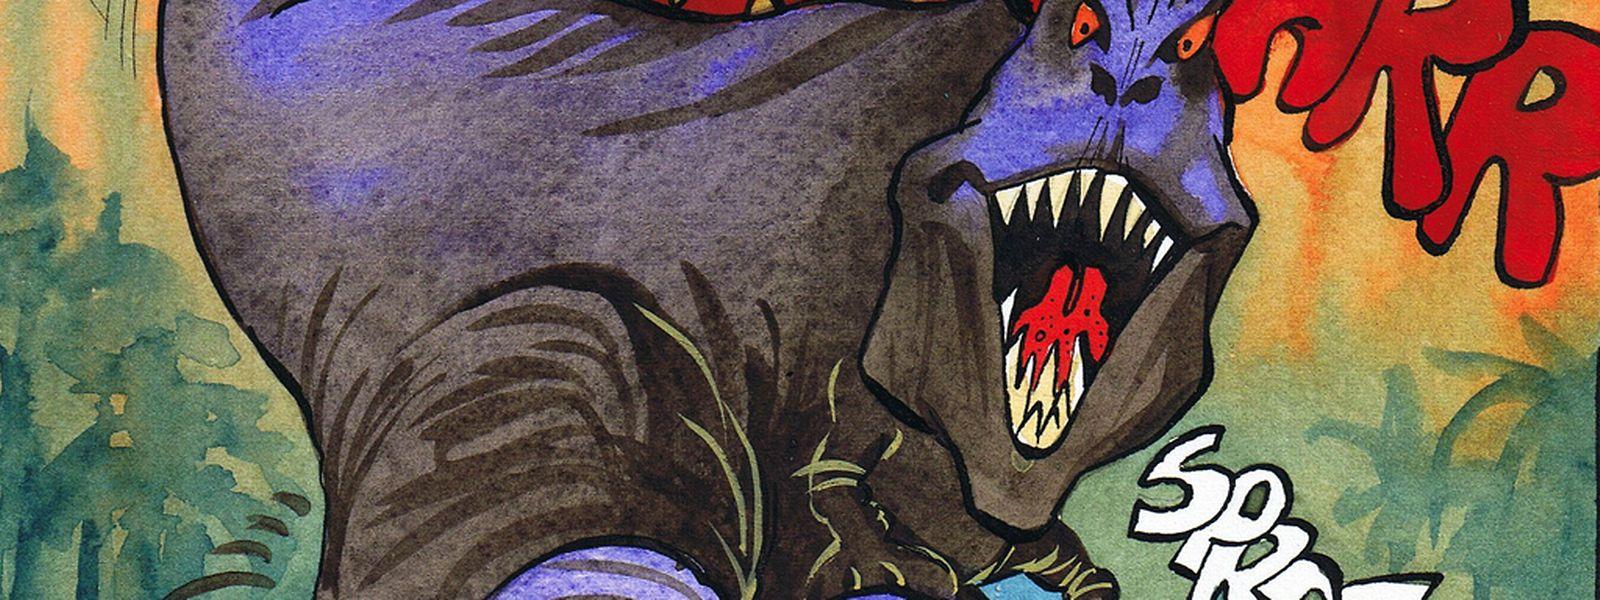 Que va-t-il arriver à Superjhemp aux confins de Jurassic Parc?